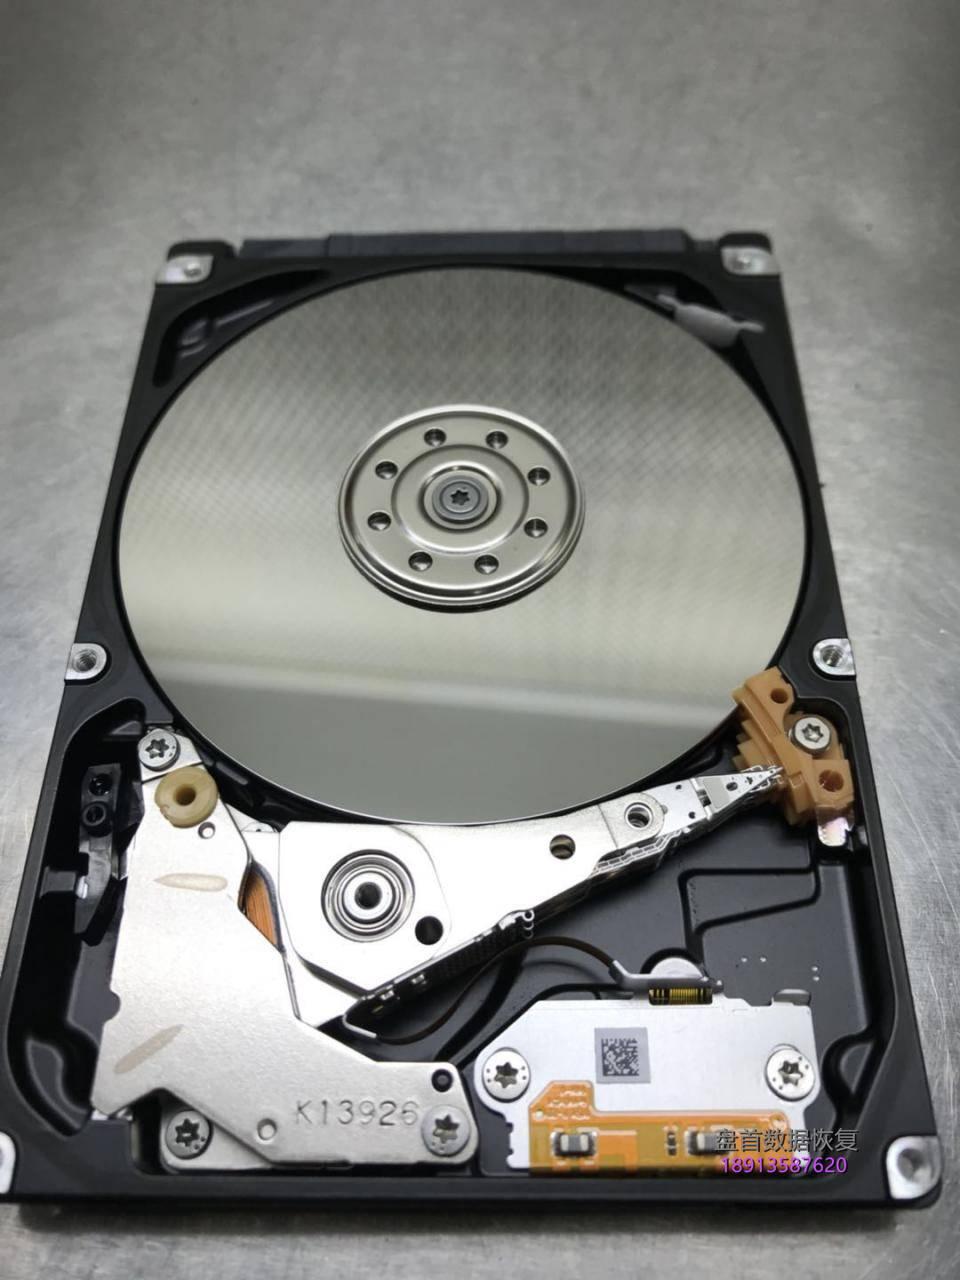 东芝1tb移动硬盘mq01abd100二次开盘数据恢复成功 东芝1TB移动硬盘MQ01ABD100二次开盘数据恢复成功